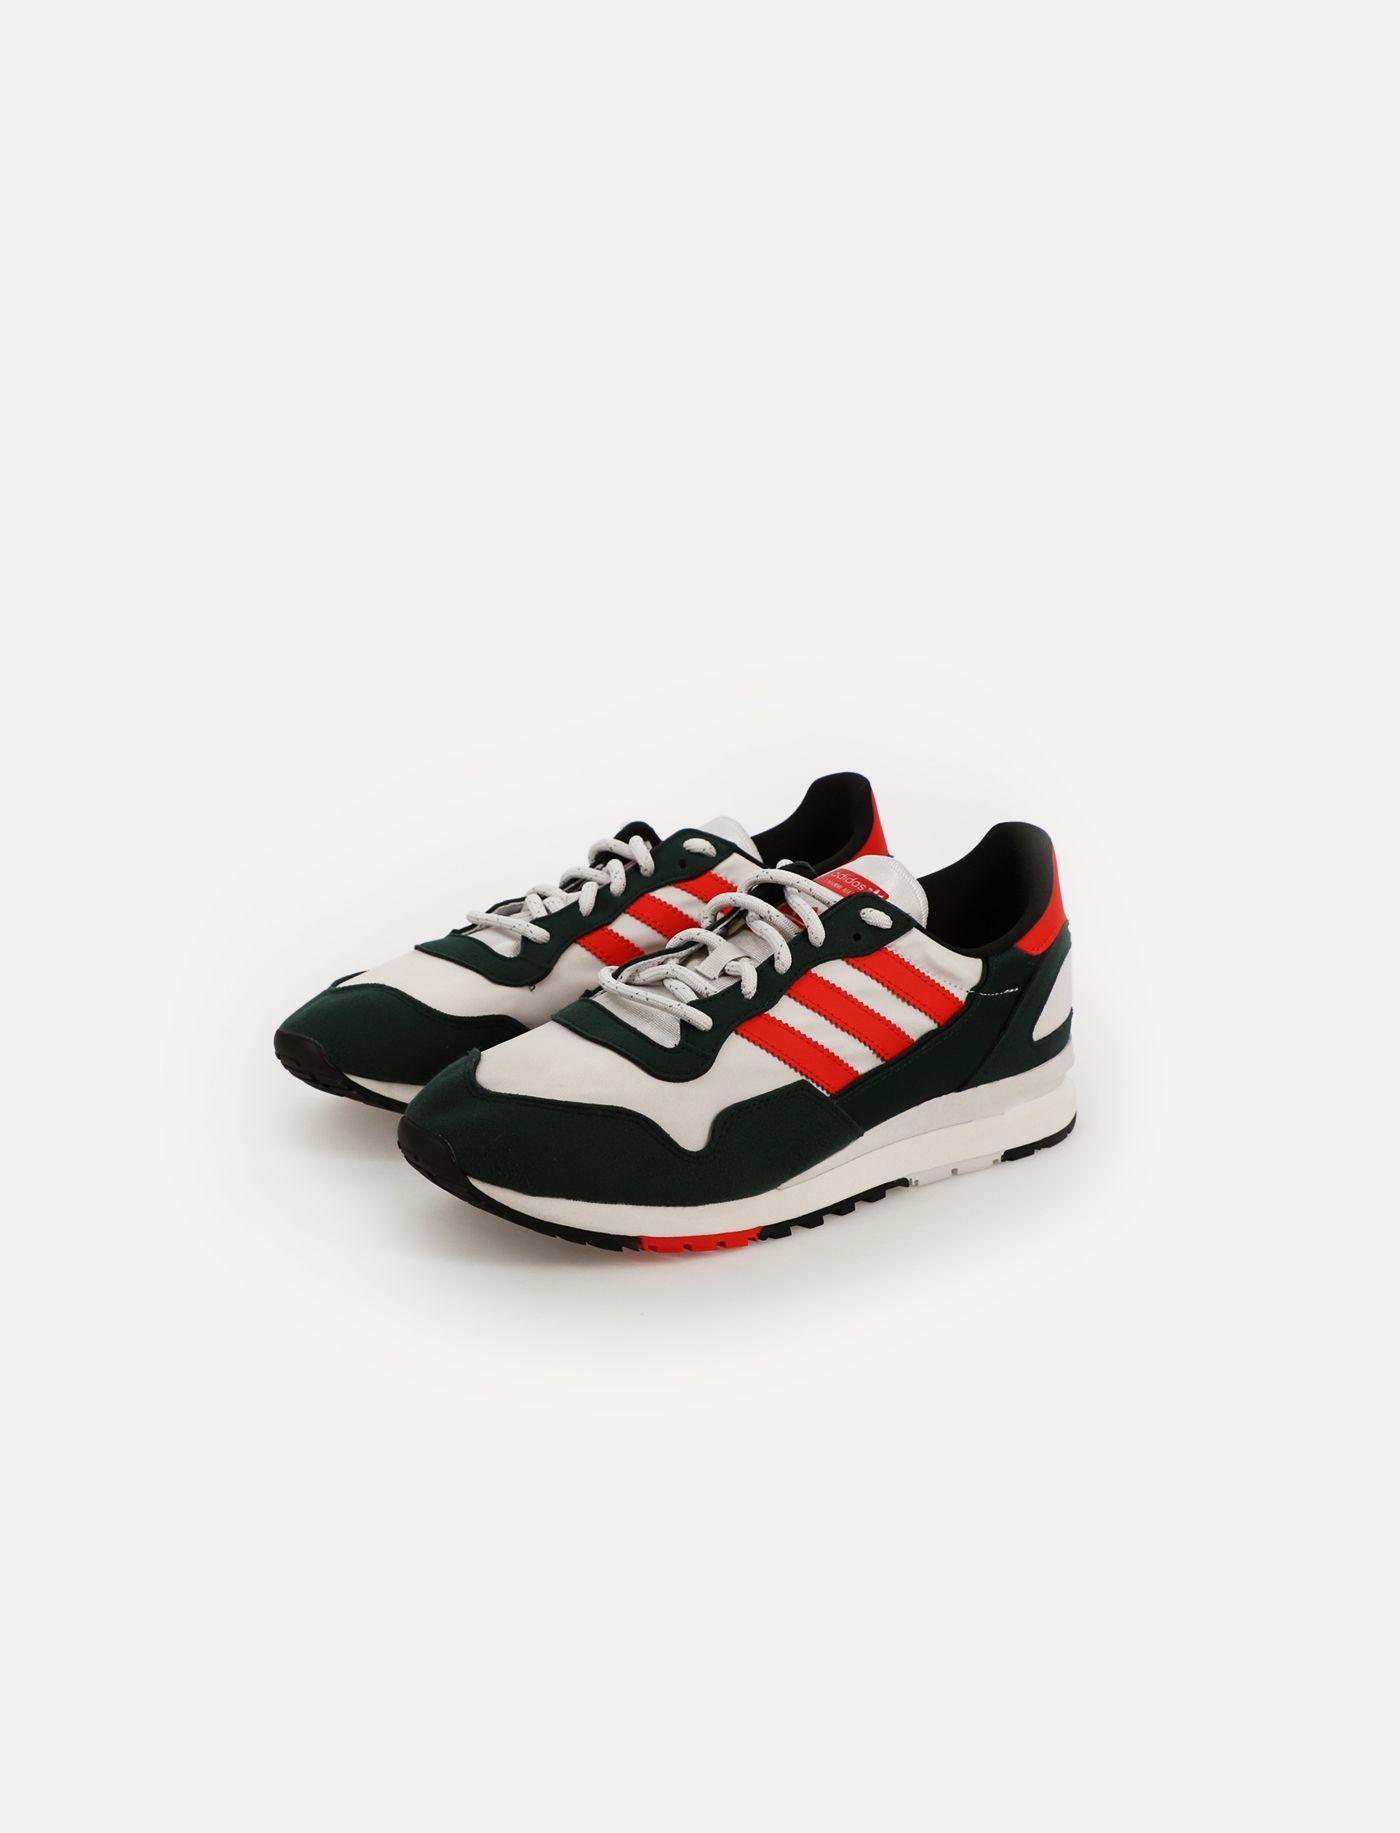 Épinglé sur Sneakers Lovers | Bellerose